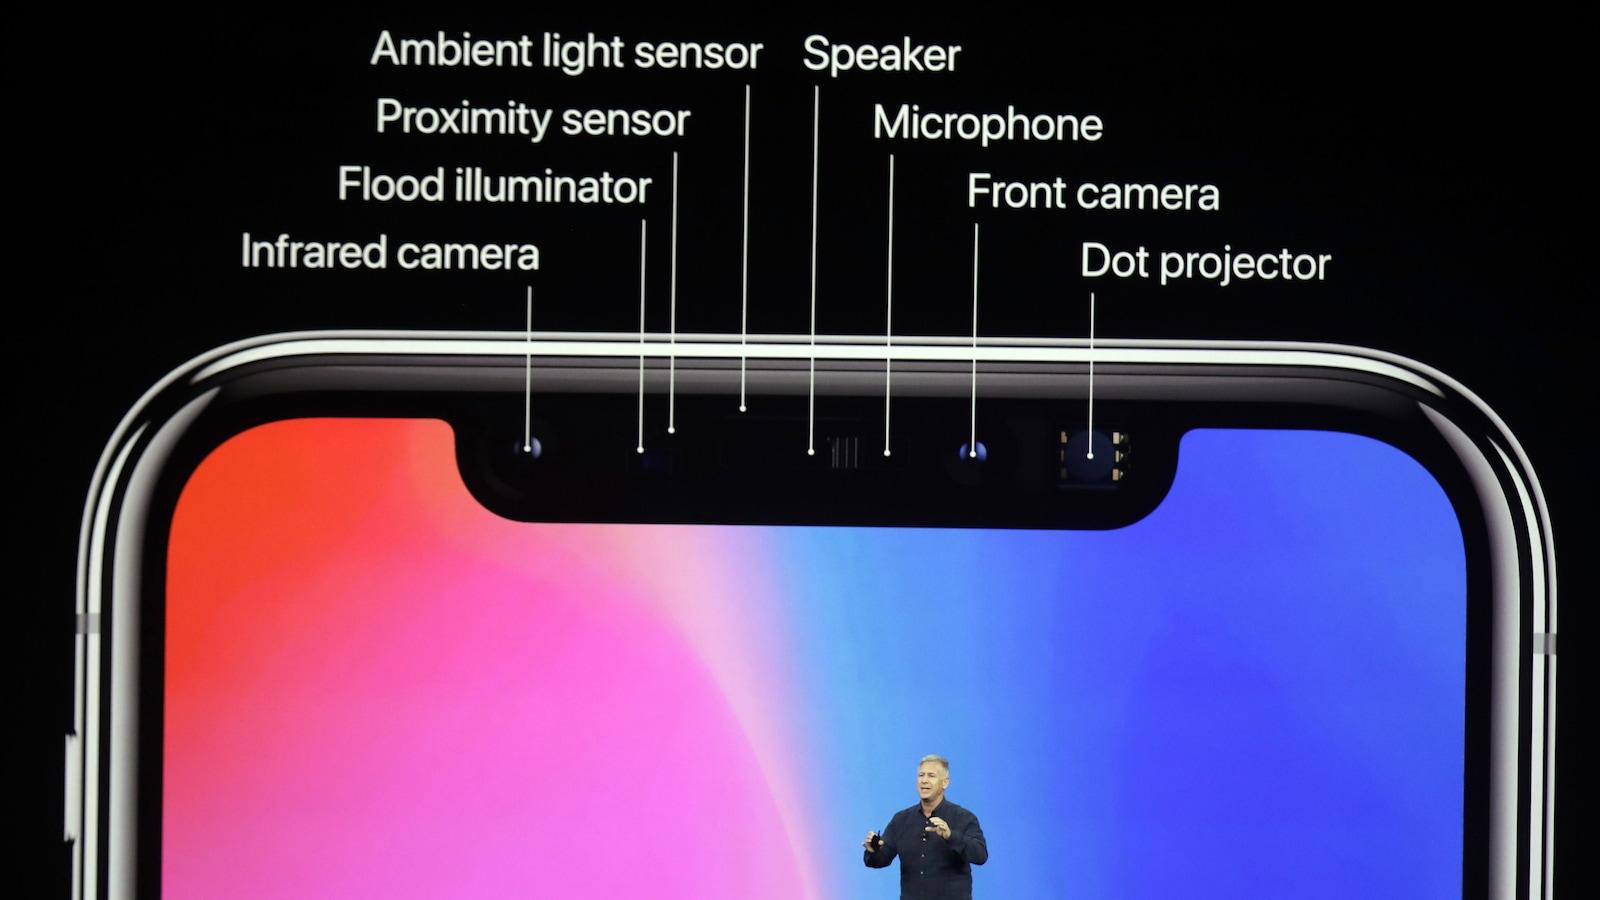 Une photo d'un présentateur sur la scène du Steve Jobs Theater, avec un détail des capteurs du nouvel iPhone X sur un écran géant derrière lui.